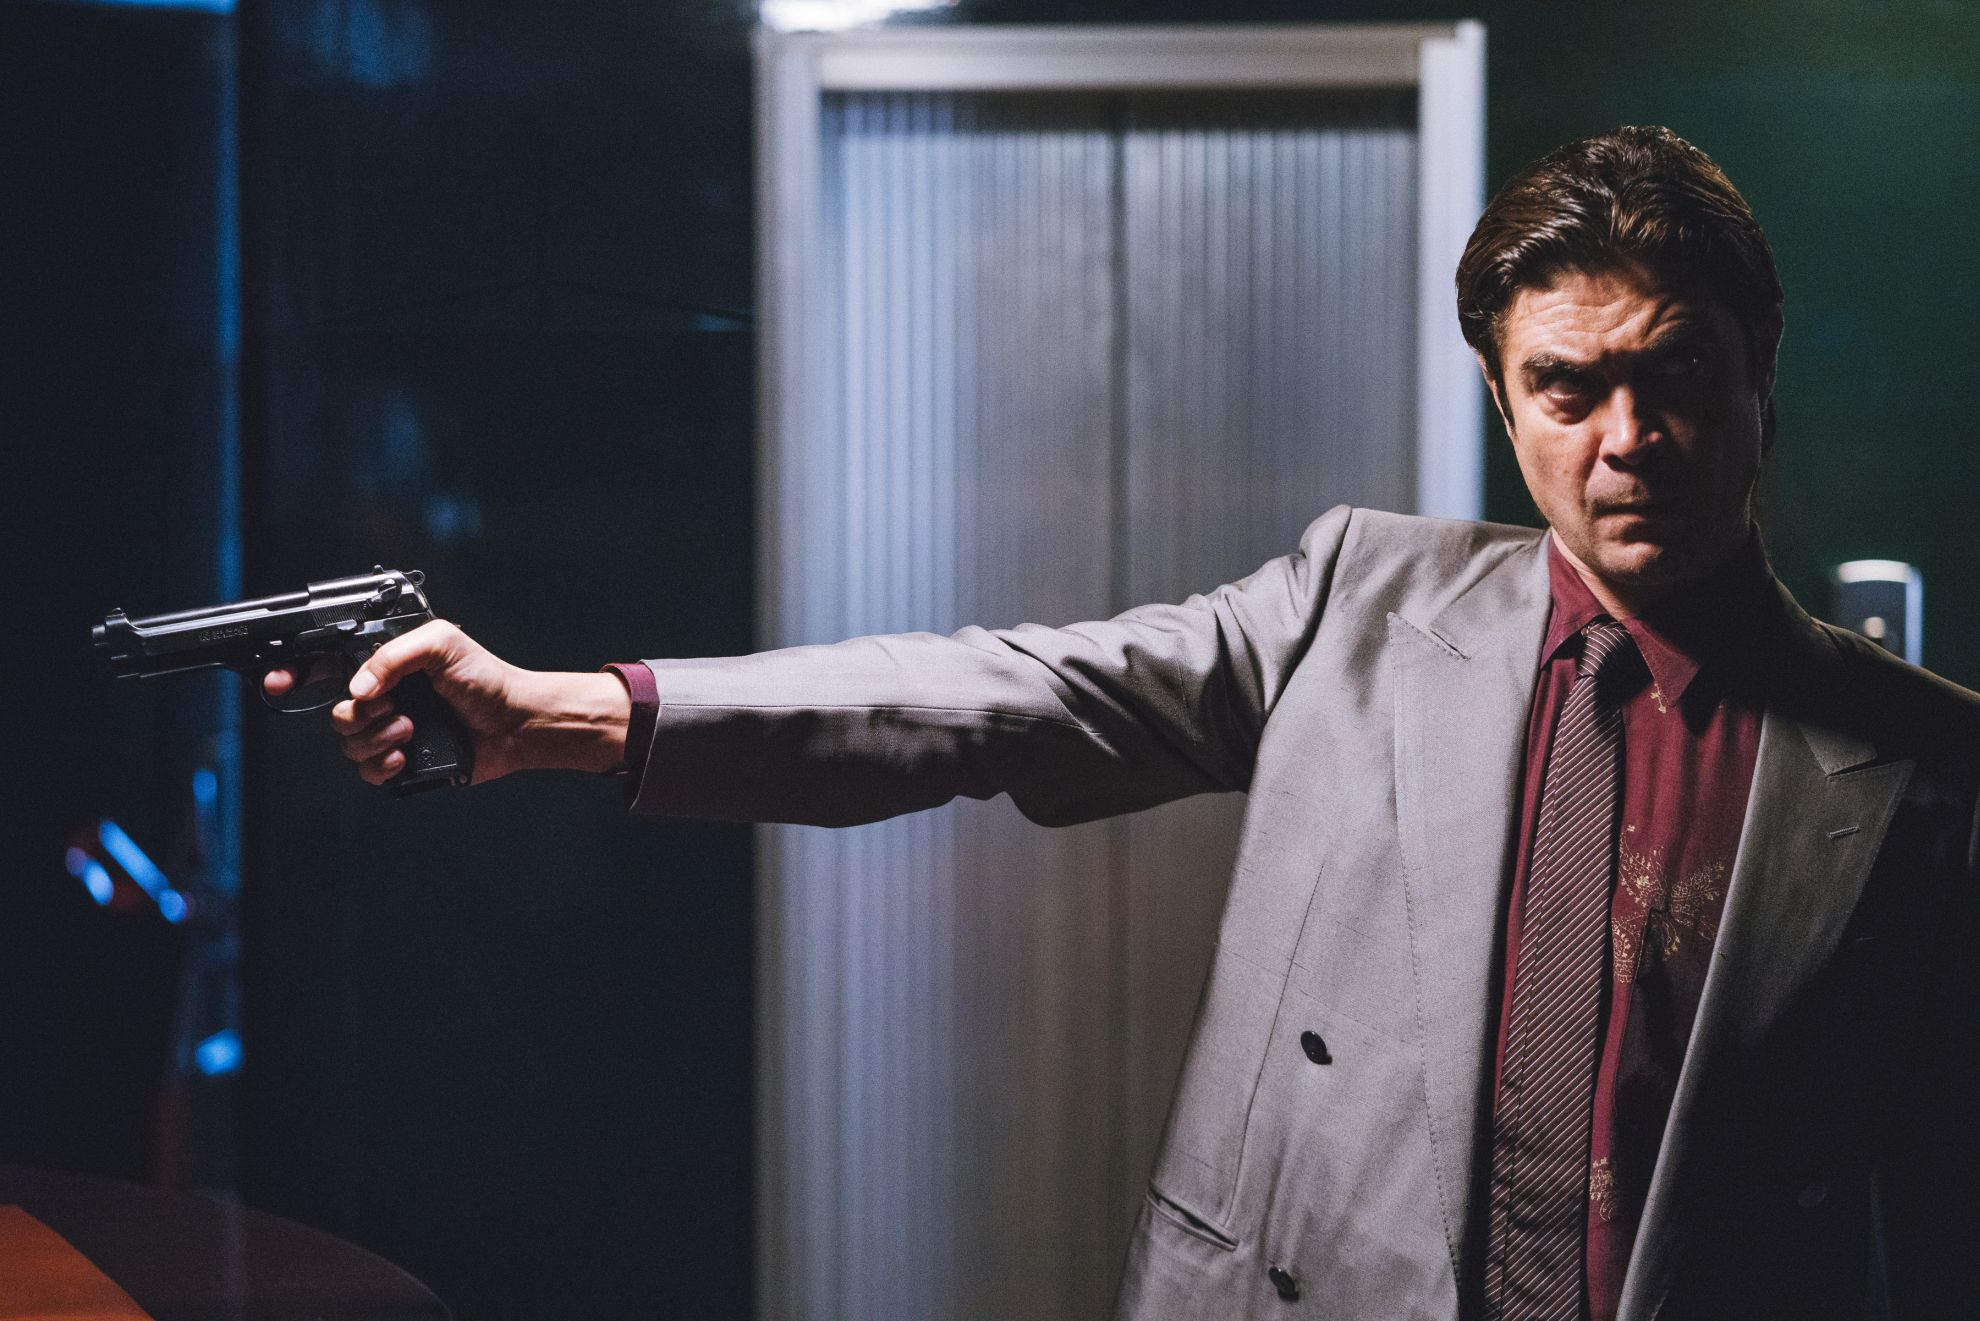 Lo Spietato: Riccardo Scamarcio in una scena d'azione